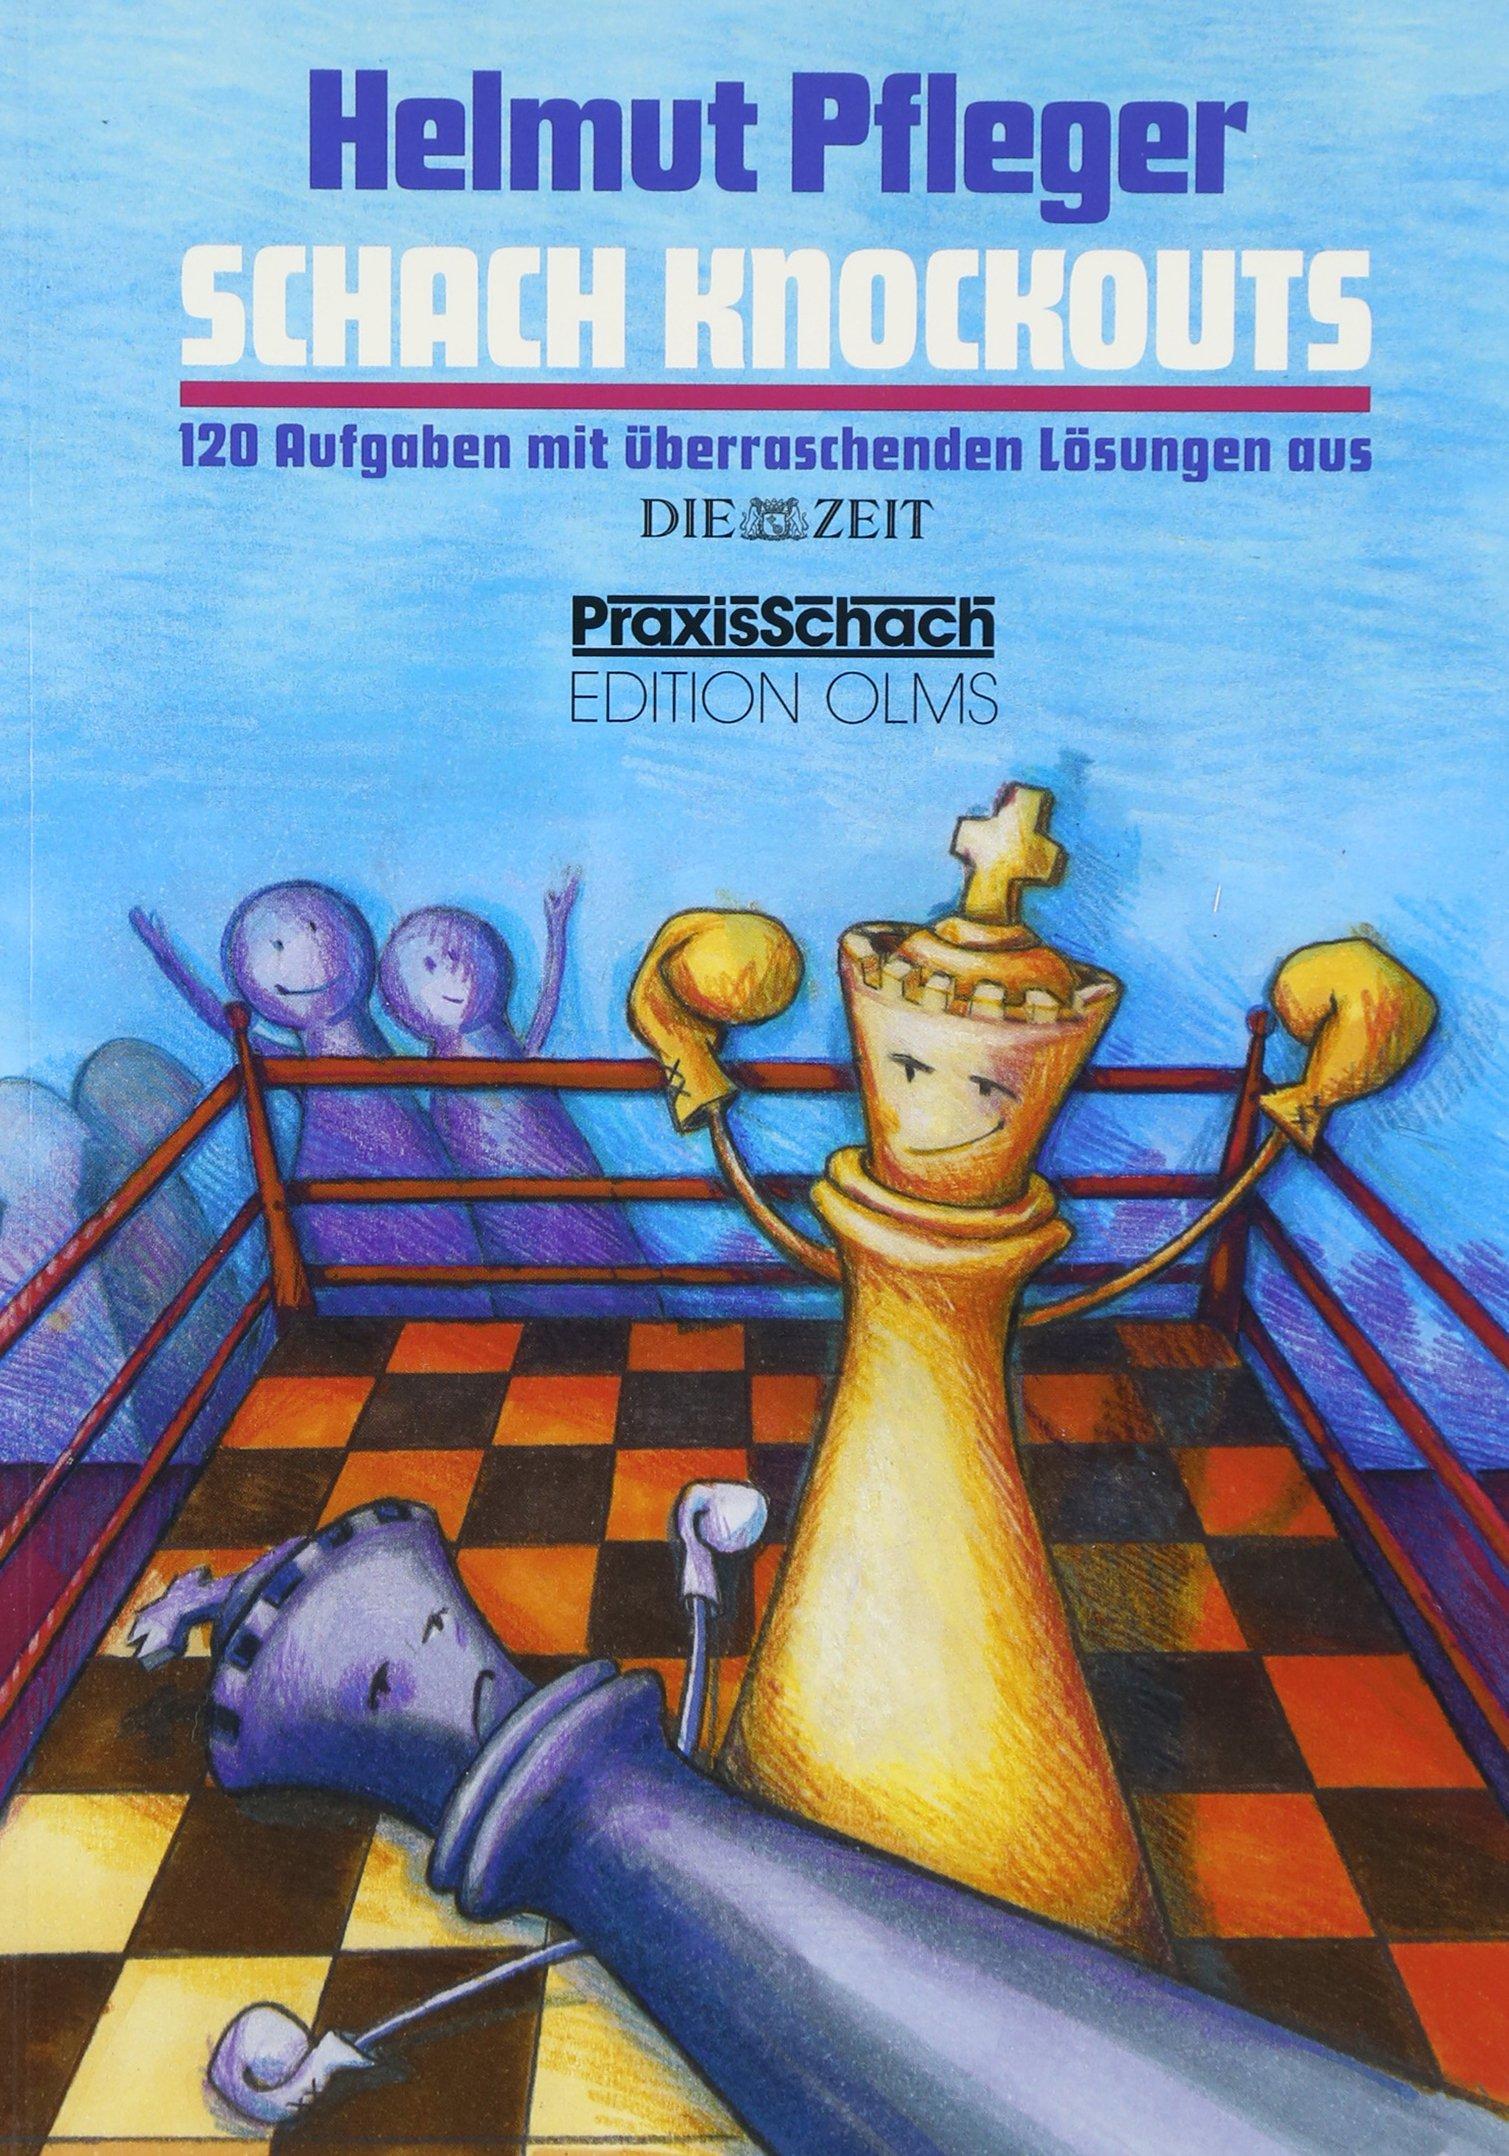 Schach Knockouts: 120 Aufgaben mit überraschenden Lösungen aus DIE ZEIT (Praxis Schach)